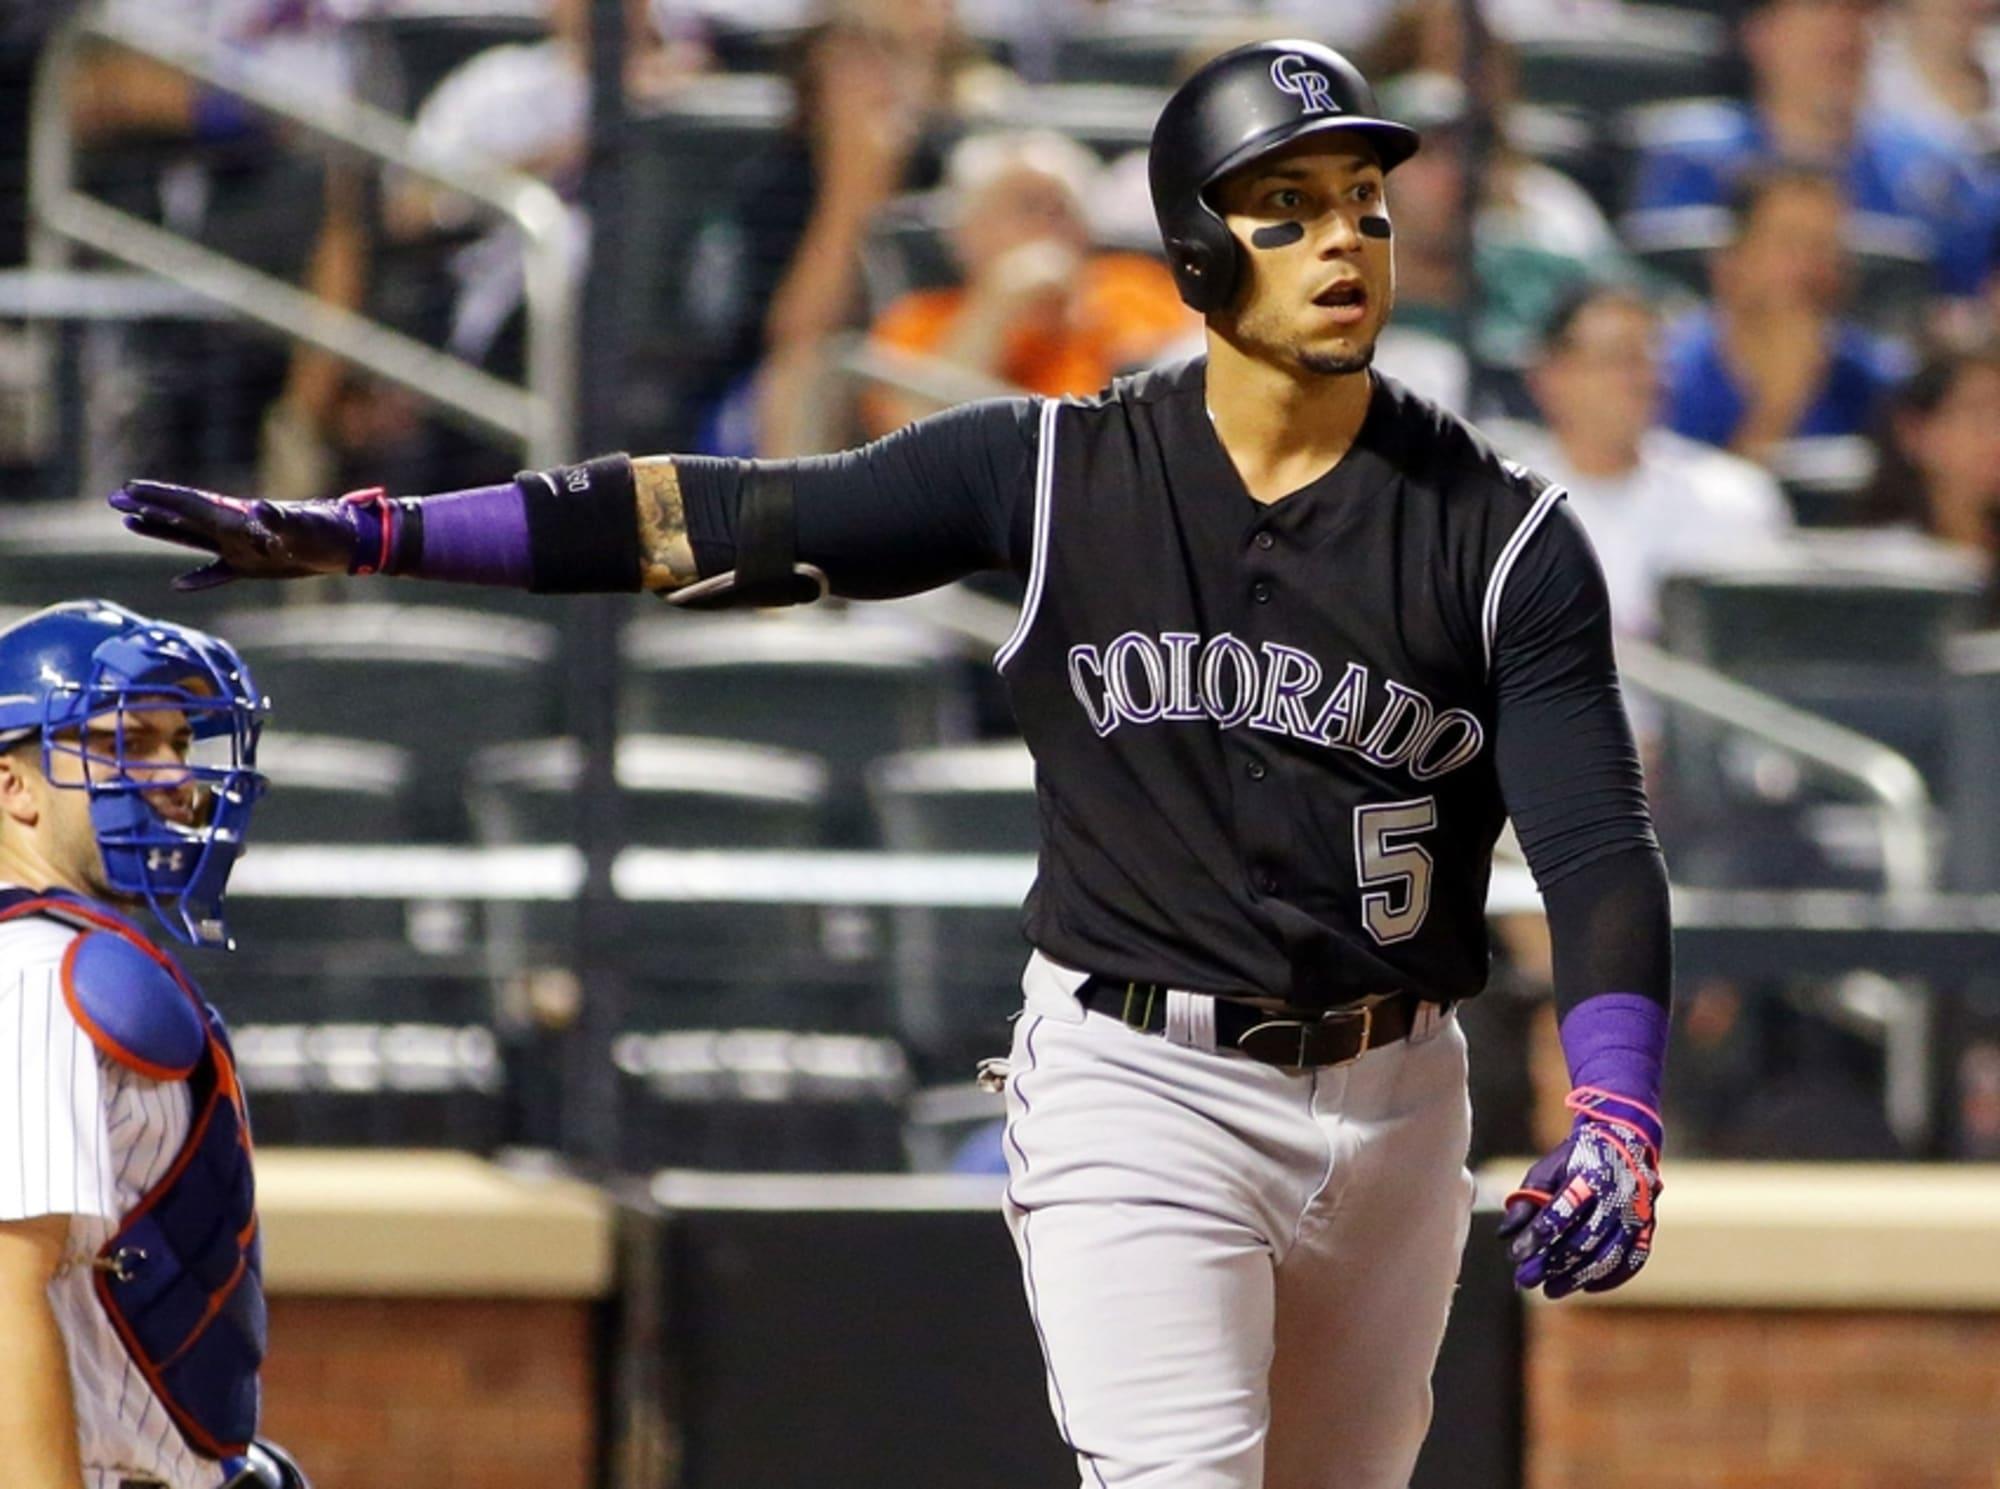 Carlos Gonzalez Colorado Rockies Baseball Player Jersey